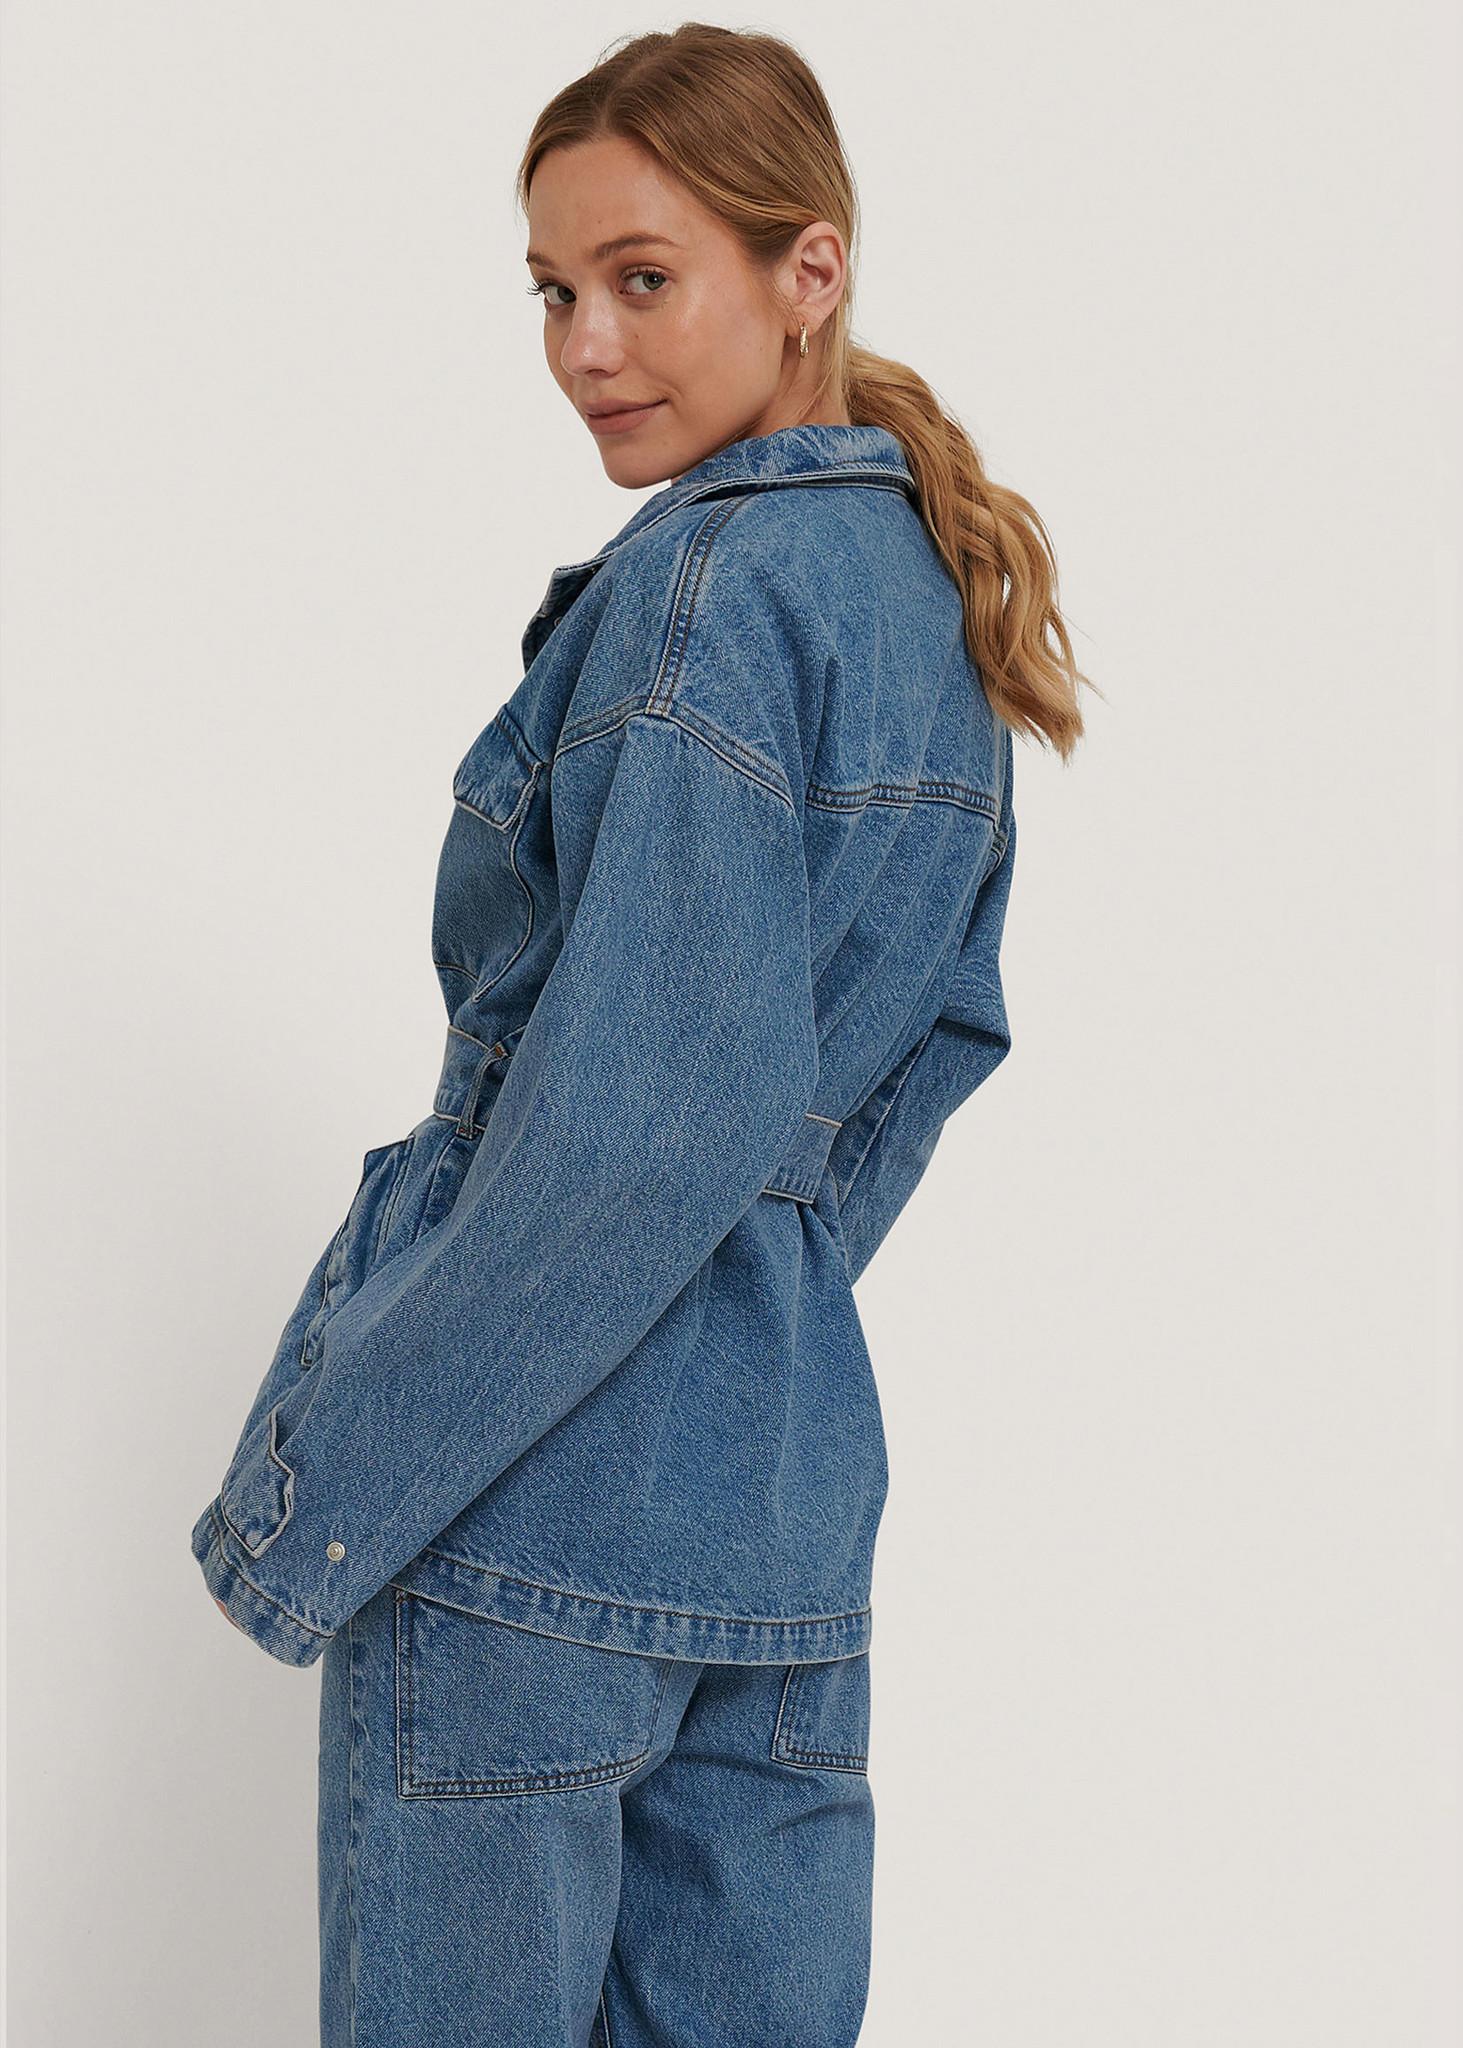 Belted Oversized Denim Jacket-2